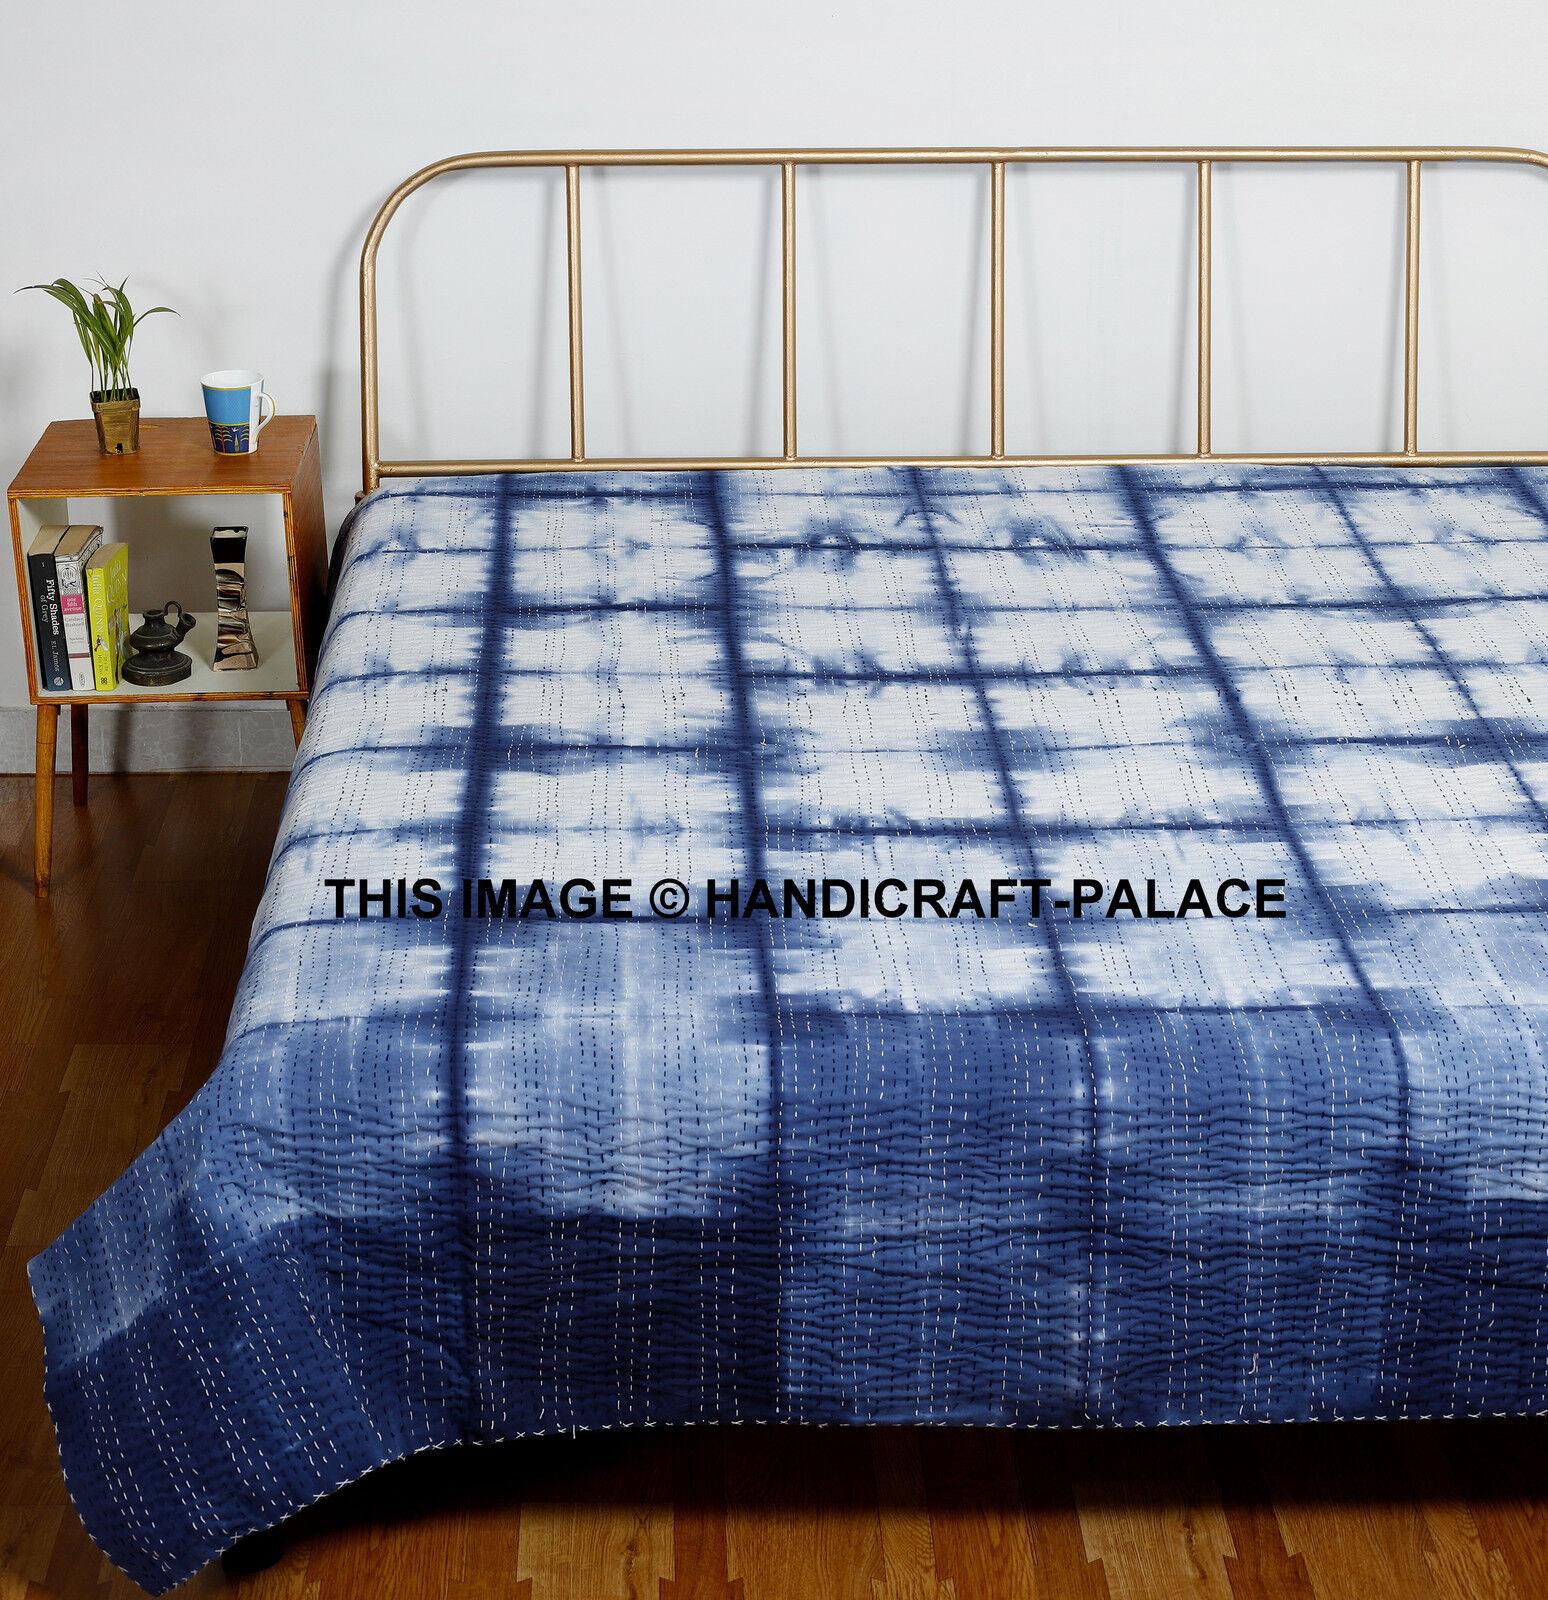 Kantha Quilt Indigo Blau 100% Pure Cotton Hand Tie Dye Shibori Königin Größe Throw